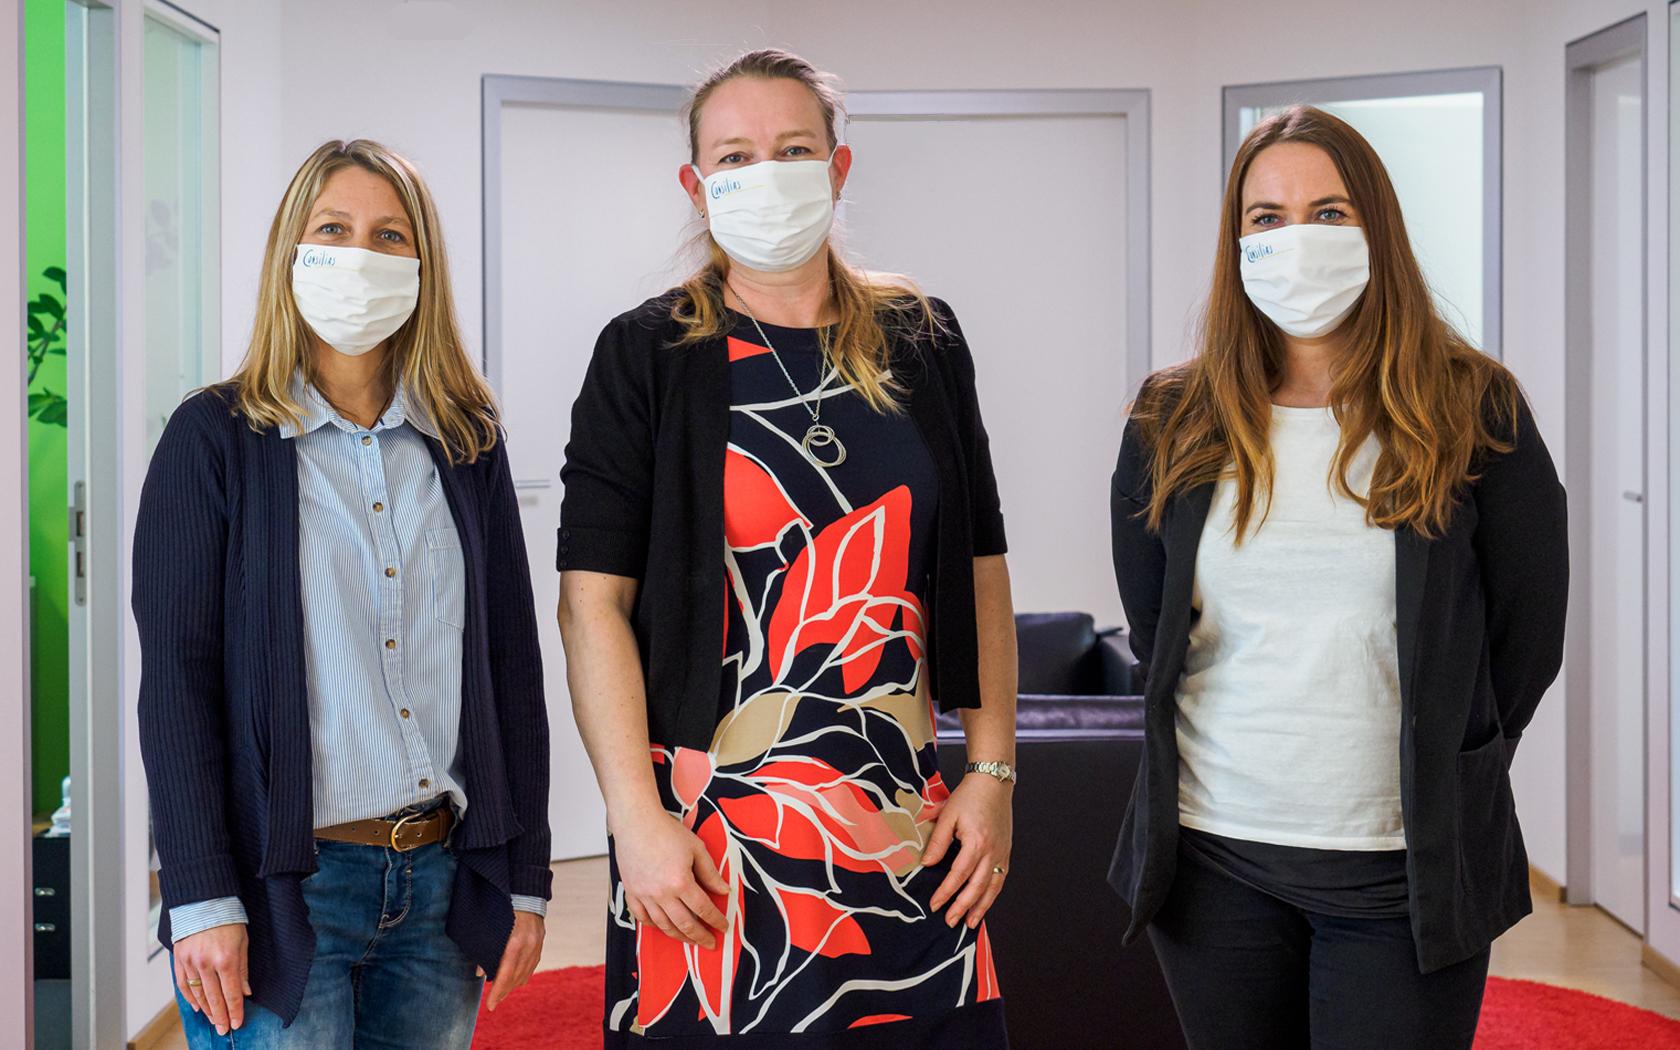 Consilias GmbH: Assistenzteam mit Maske